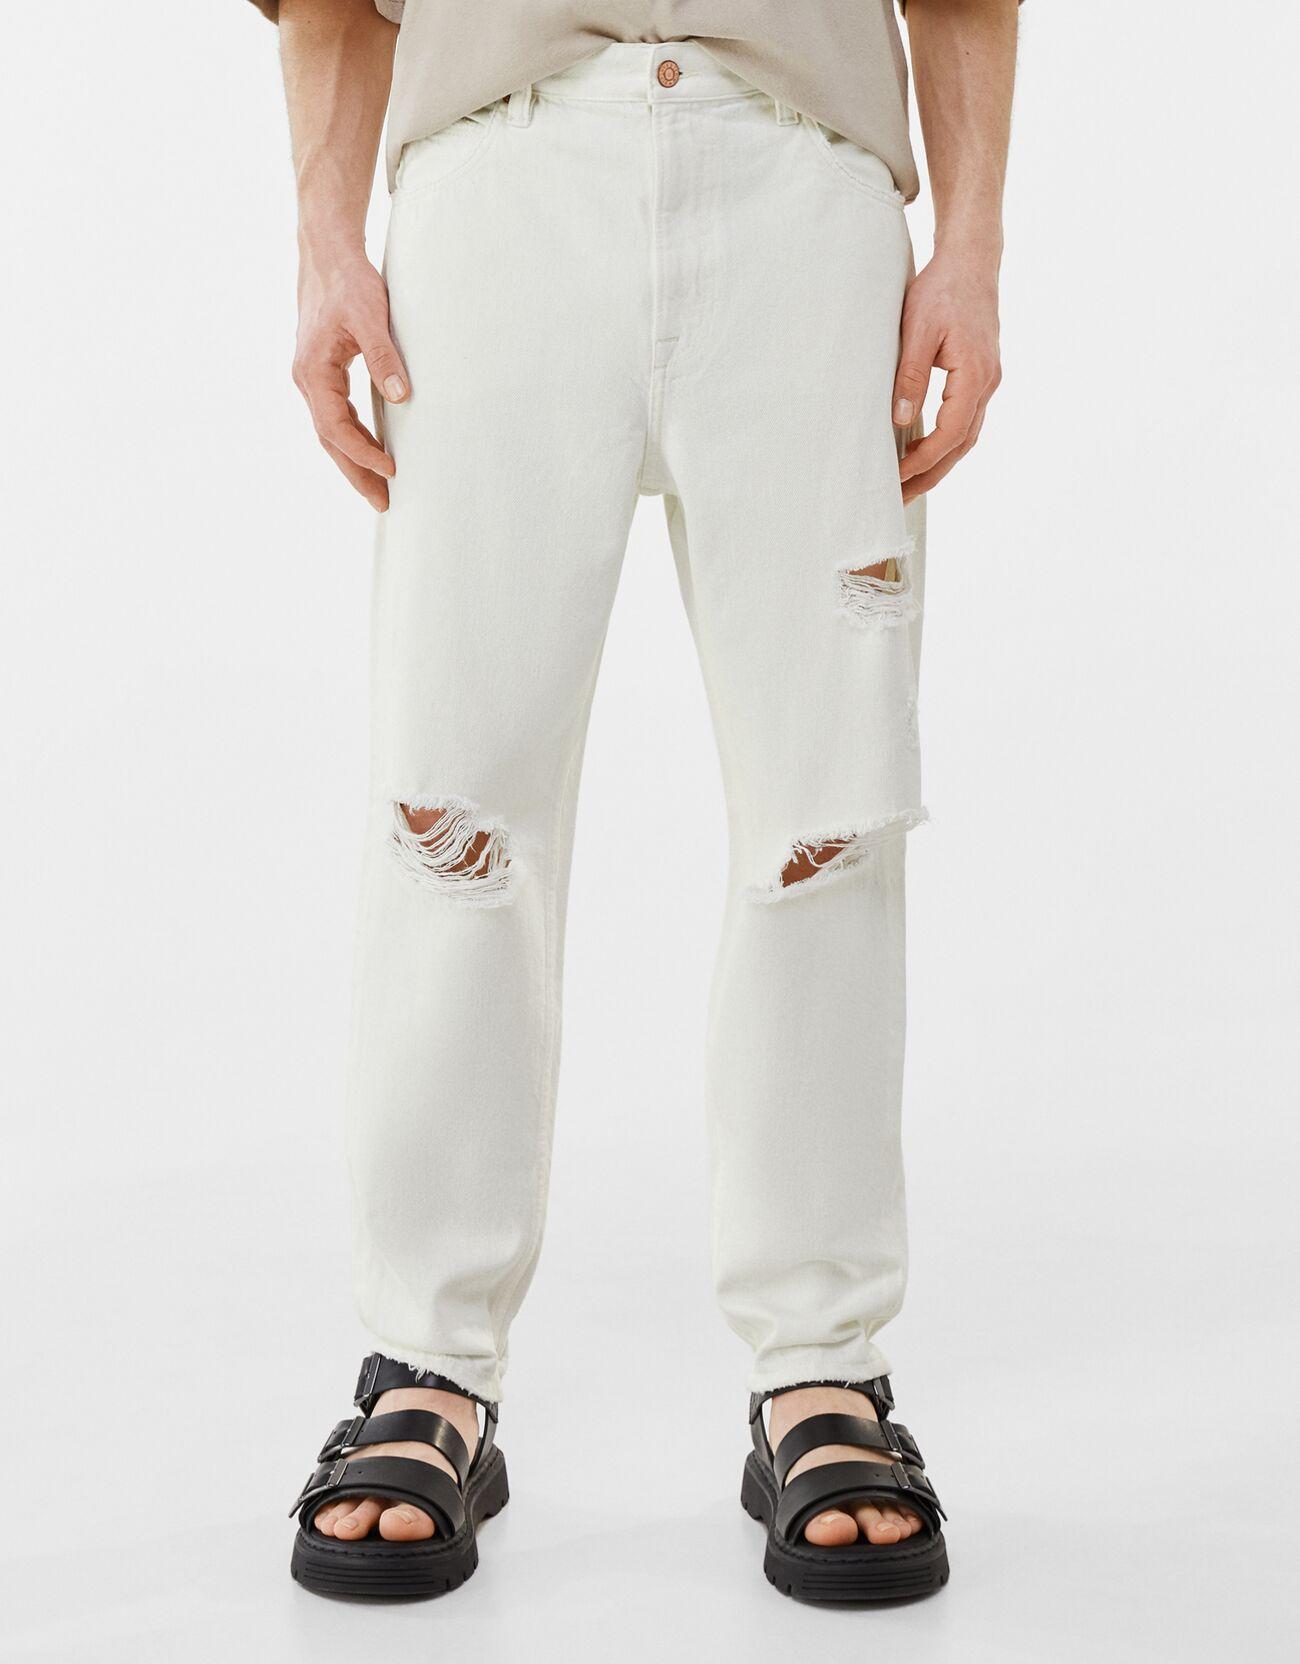 Artikel klicken und genauer betrachten! - Loose Fit Jeans Mit Rissen Color: Rohweiß Size: 34 Material: Baumwolle Farbe:Rohweiß Größe: 34   im Online Shop kaufen